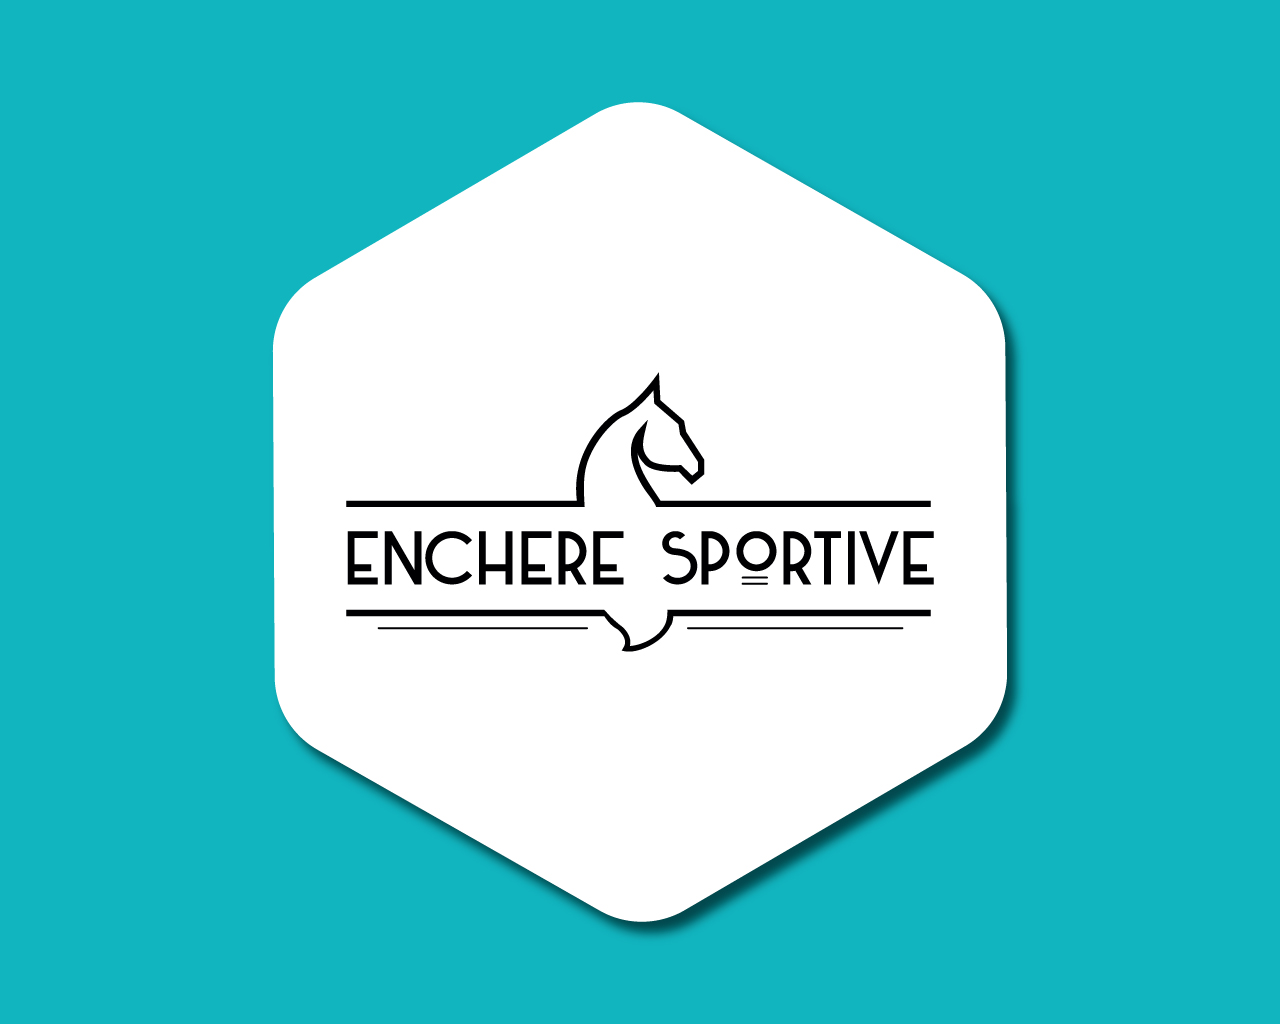 enchere-sportive-logo